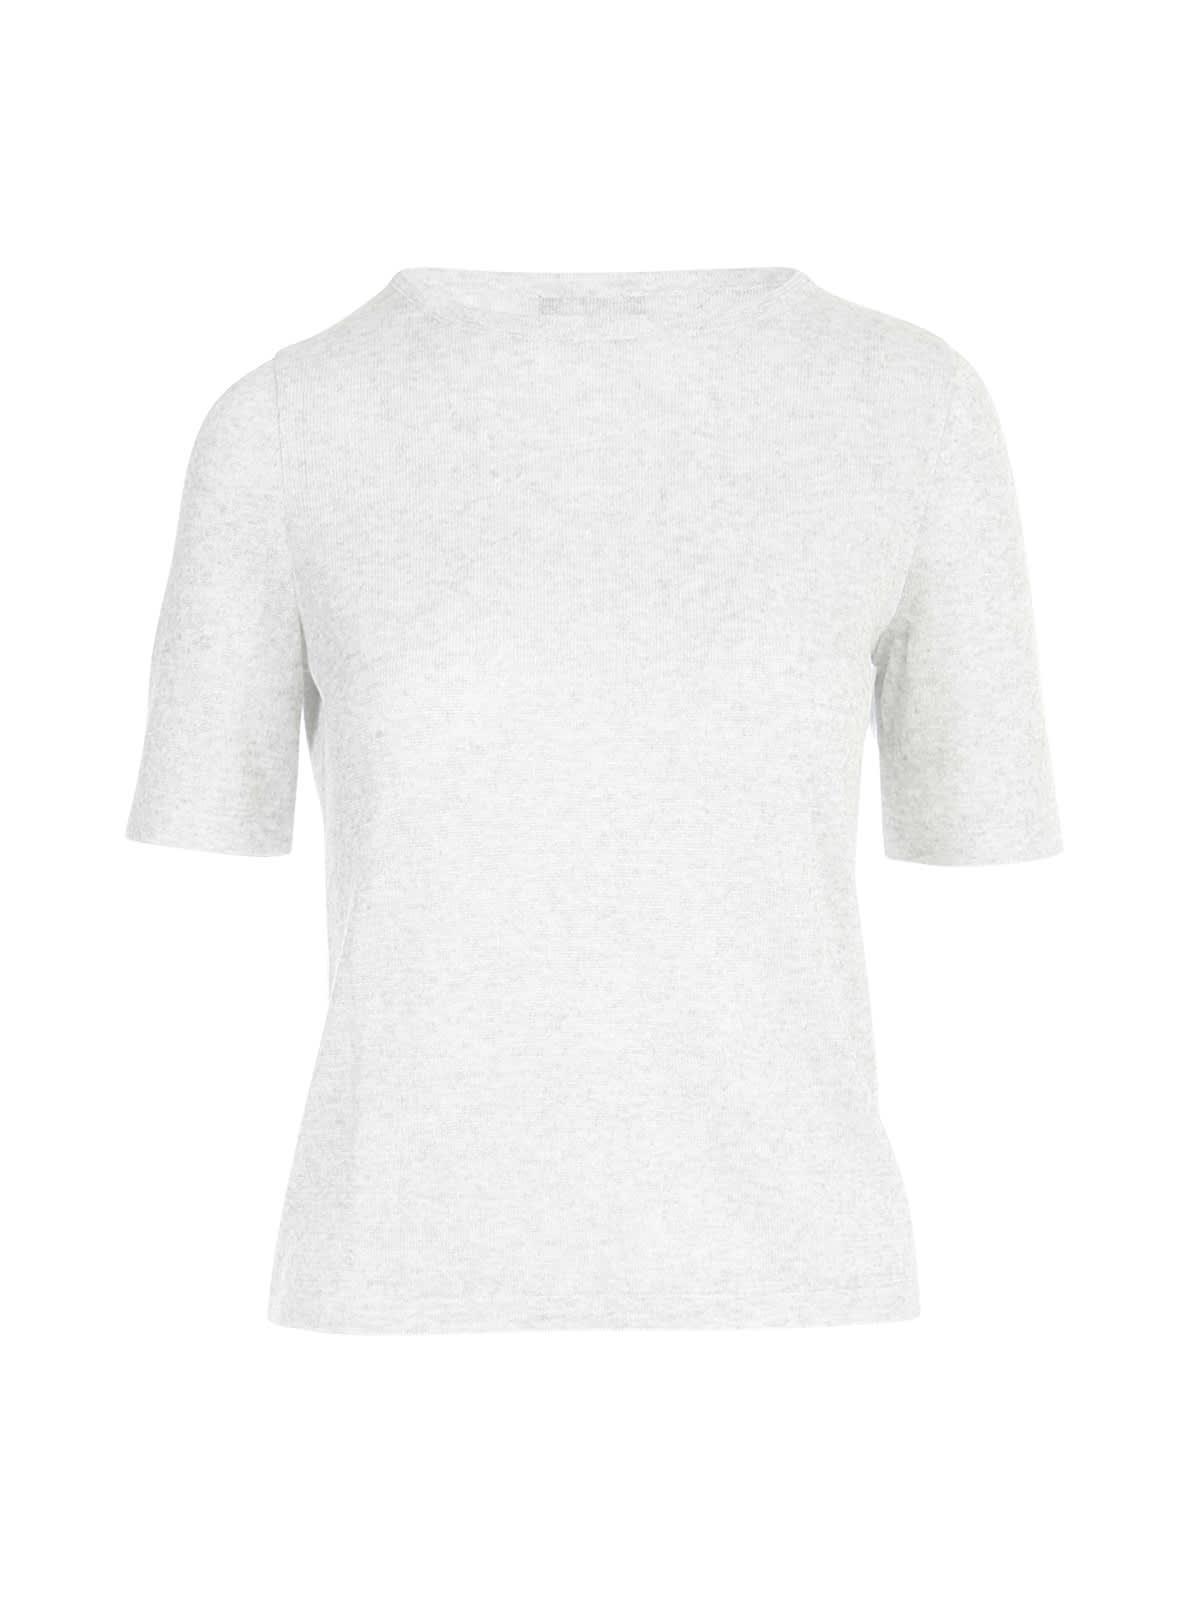 Lurex Crew Neck S/s T-shirt